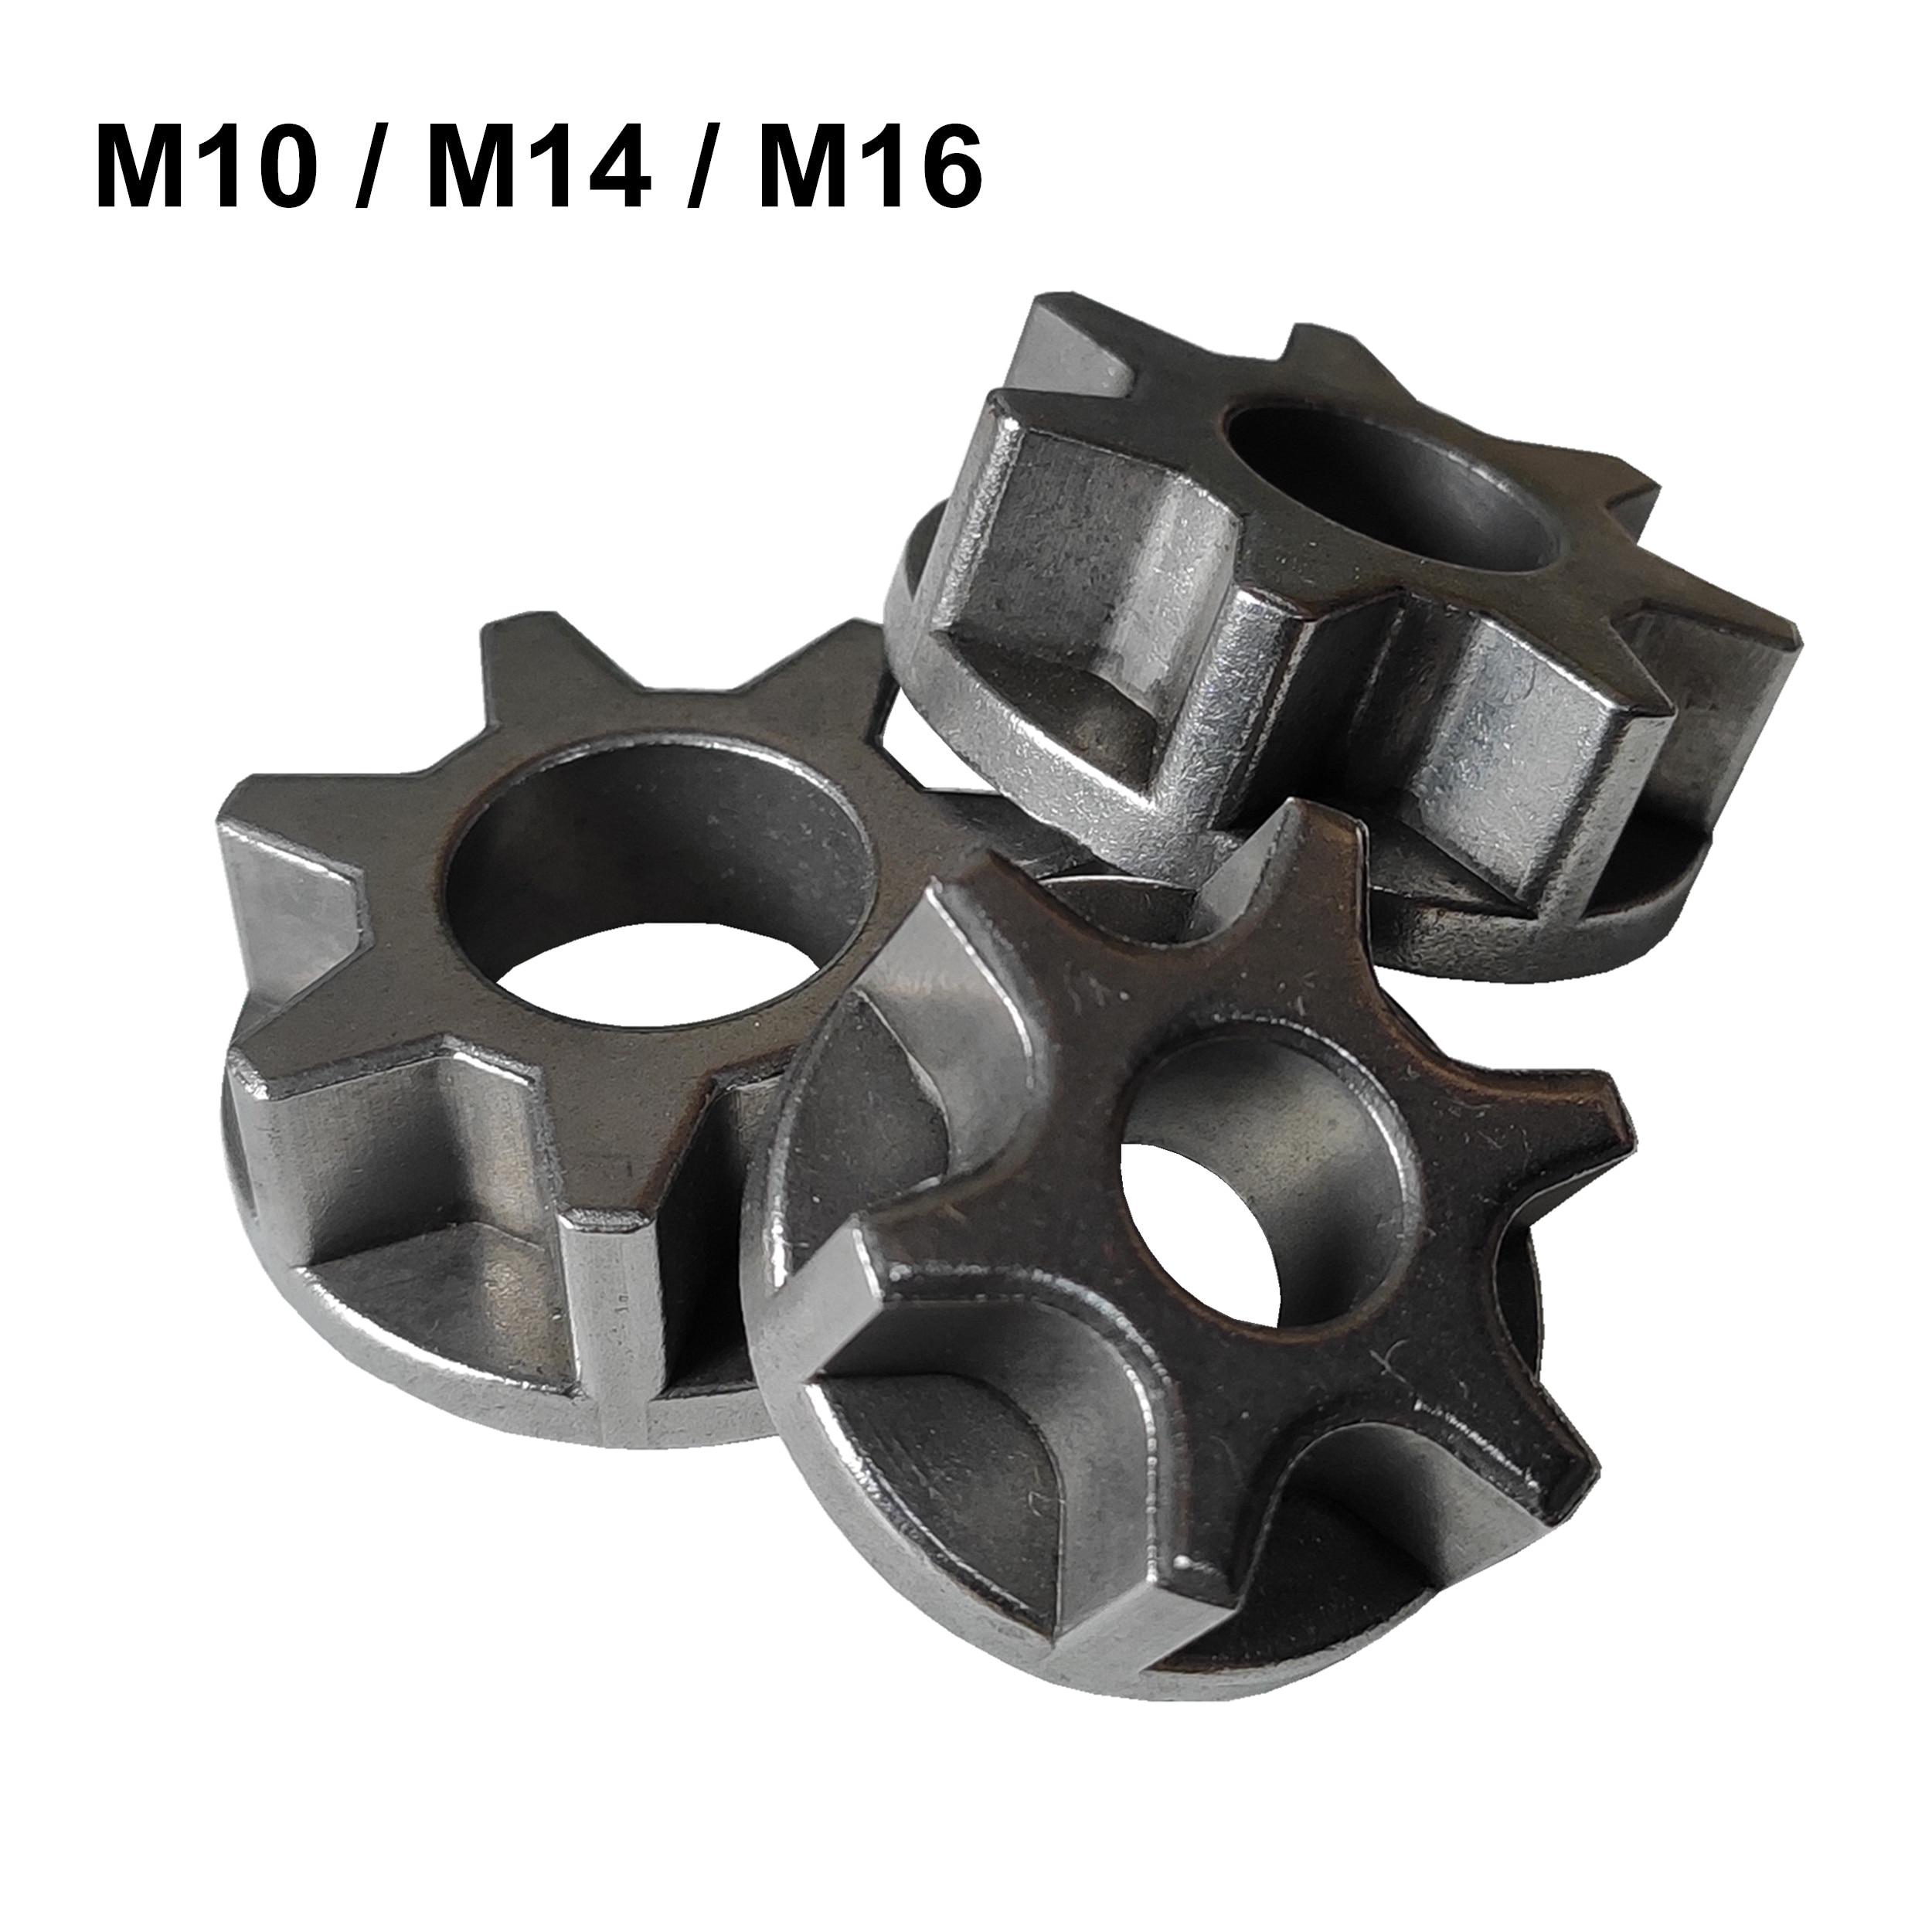 M10/M14/M16 motosierra de 100, 115, 125, 150, 180 repuesto de lijadora en ángulo de soporte de motosierra asterisco de herramienta de poder de accesorios